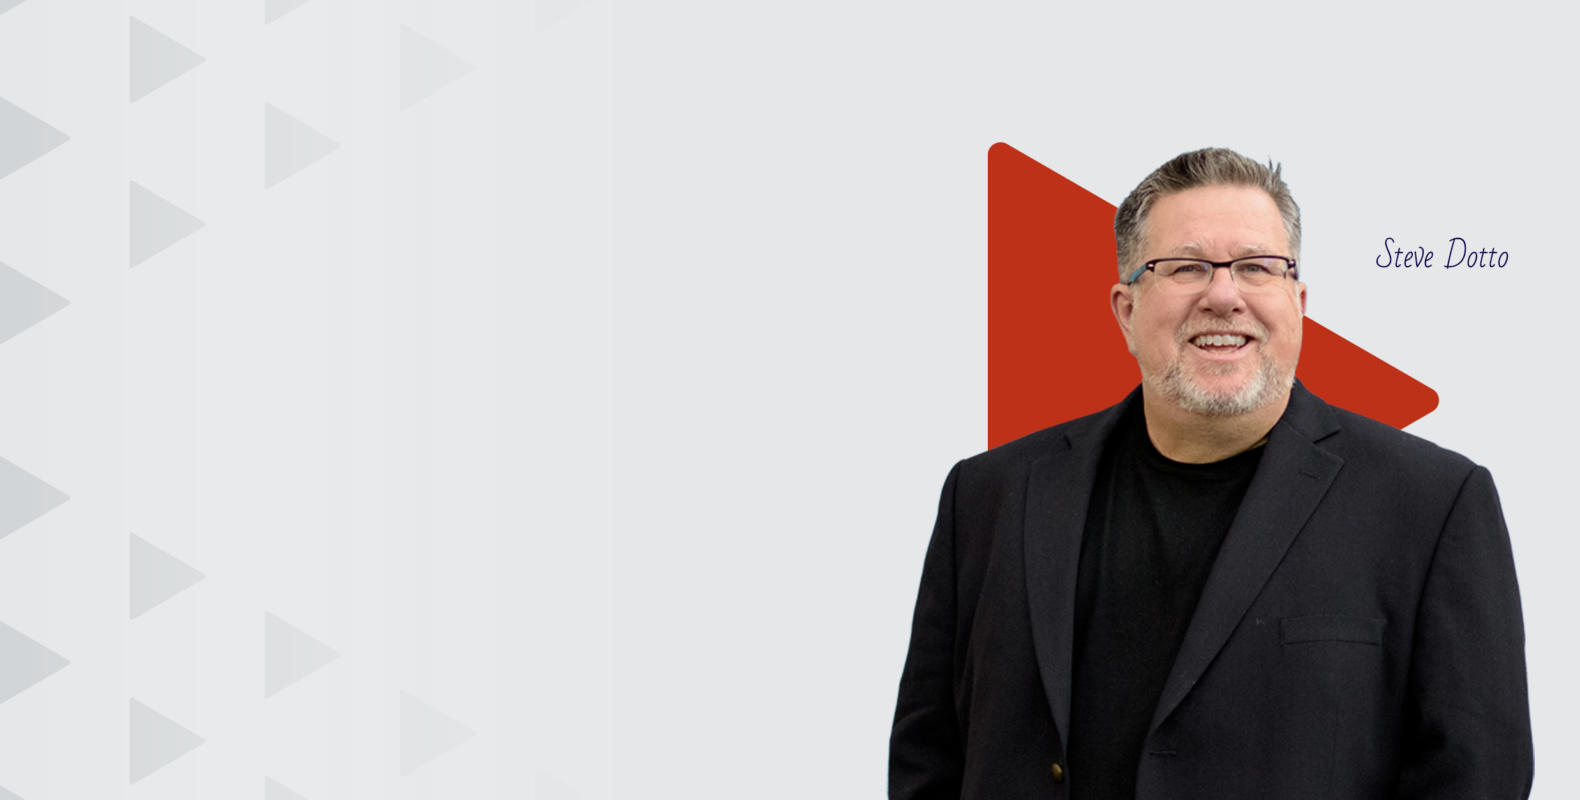 Steve-Dotto YouTube Creator Summit